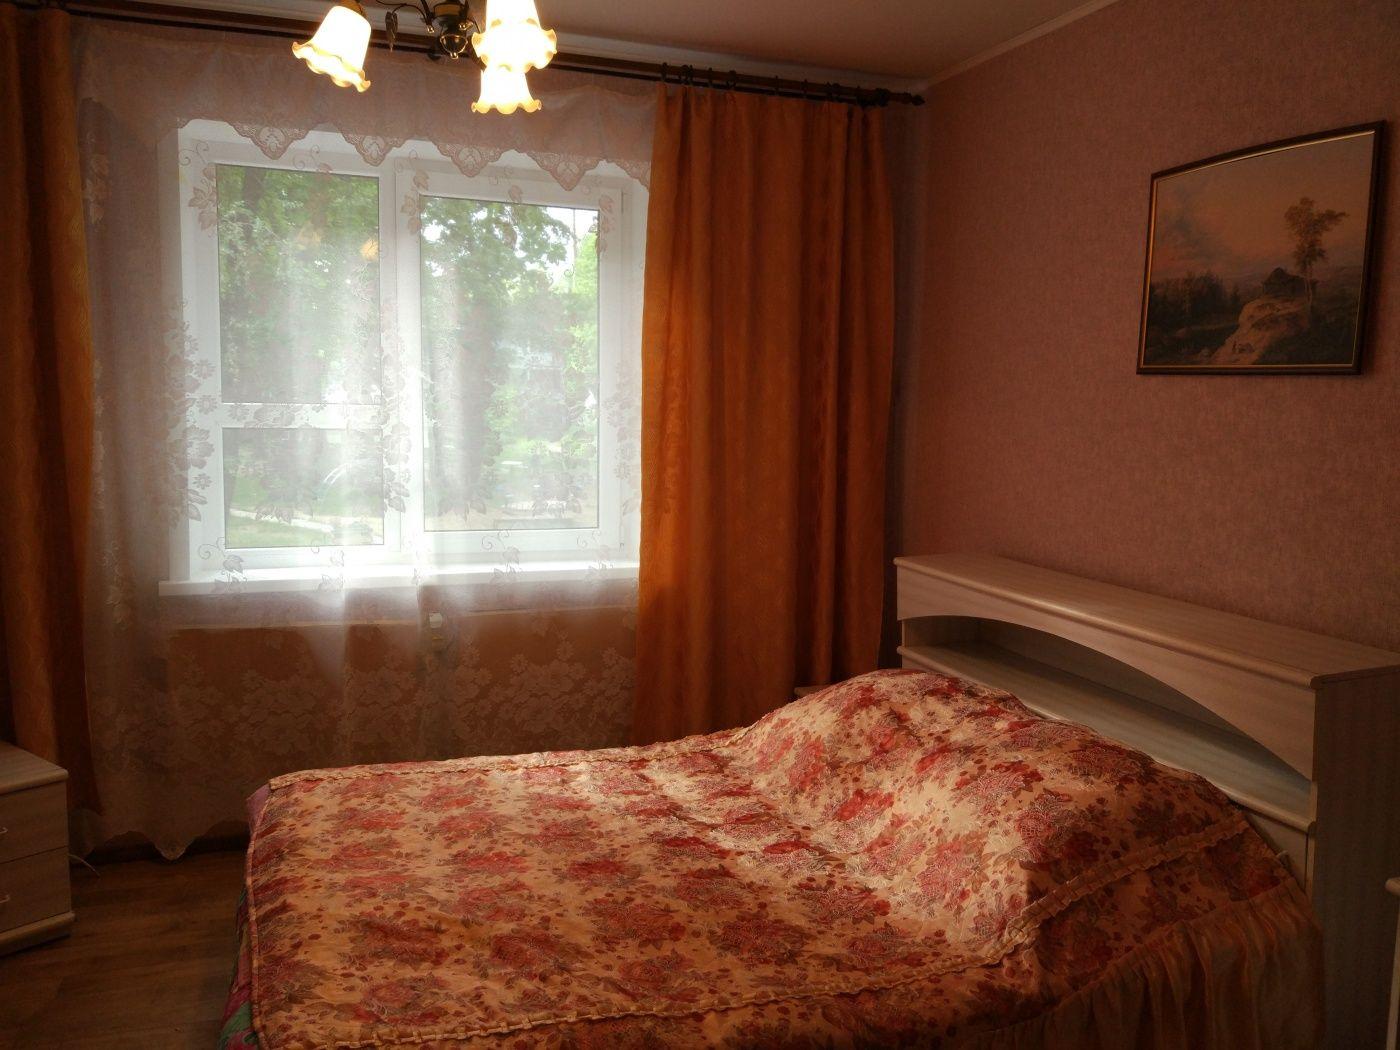 Турбаза «Домостроитель» Саратовская область 1-комнатный номер с удобствами (корпус № 2), фото 1